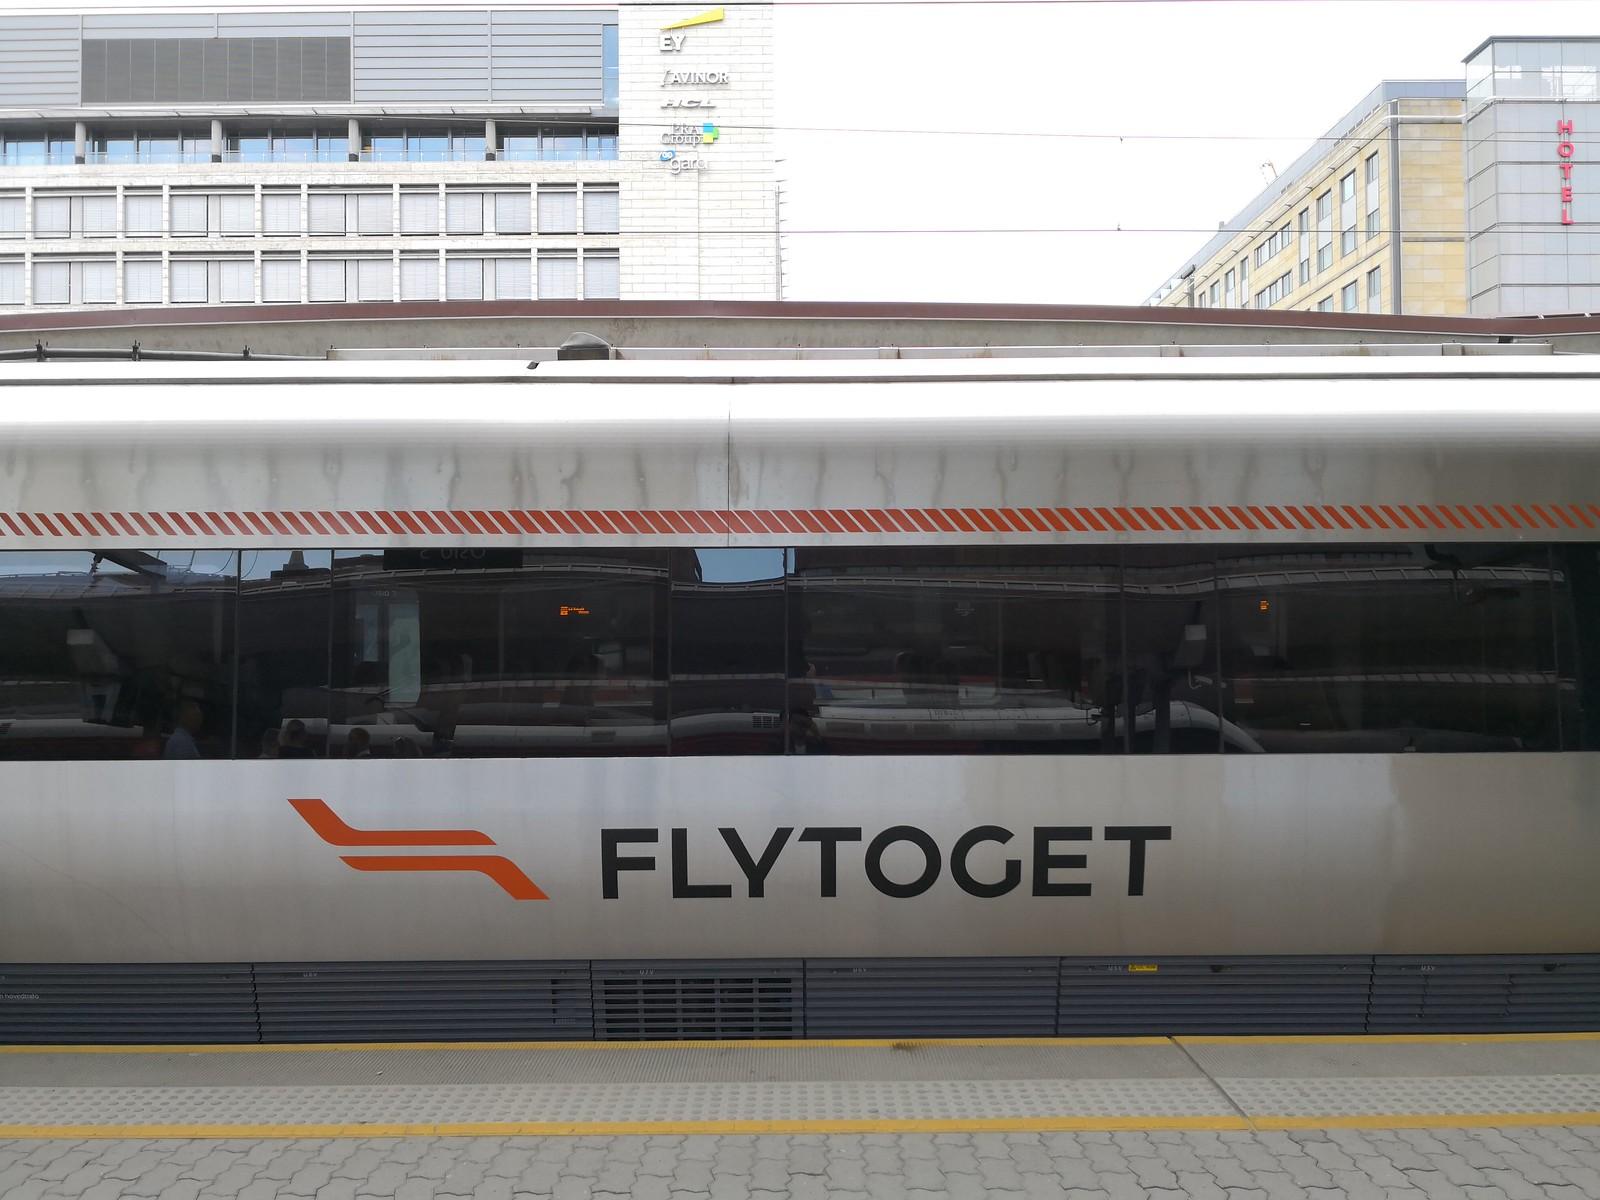 Flytoget train